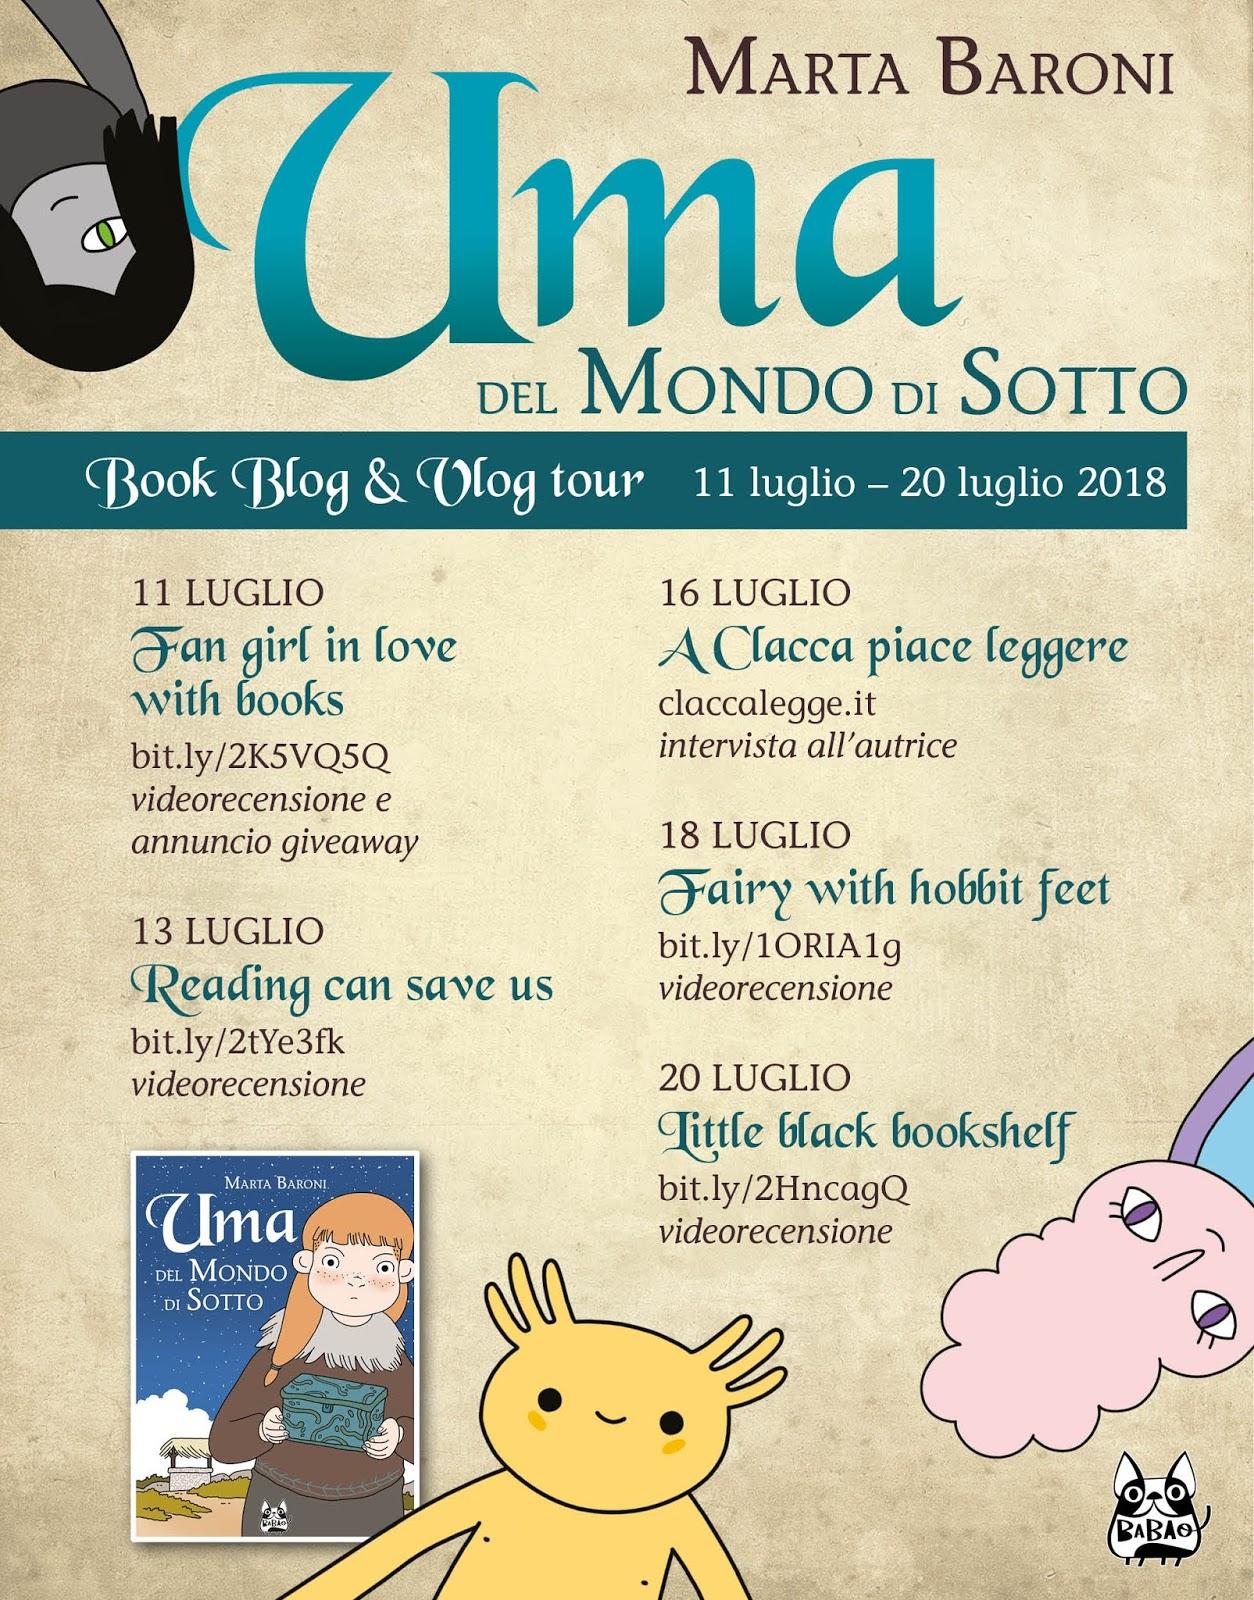 100 sito di incontri online gratis Italia